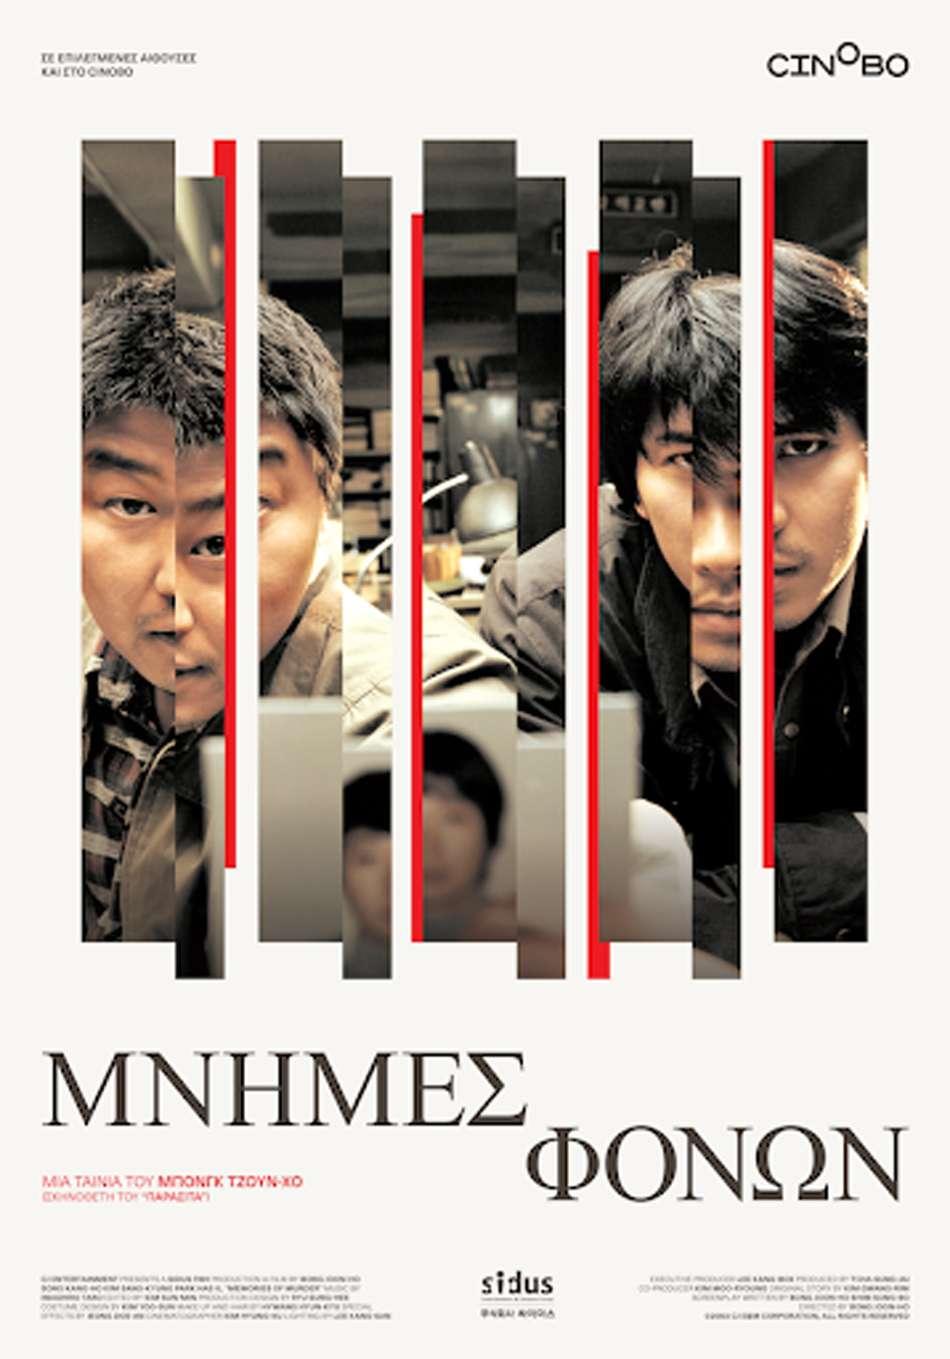 Μνήμες φόνων (Salinui chueok / Memories of Murder) Poster Πόστερ